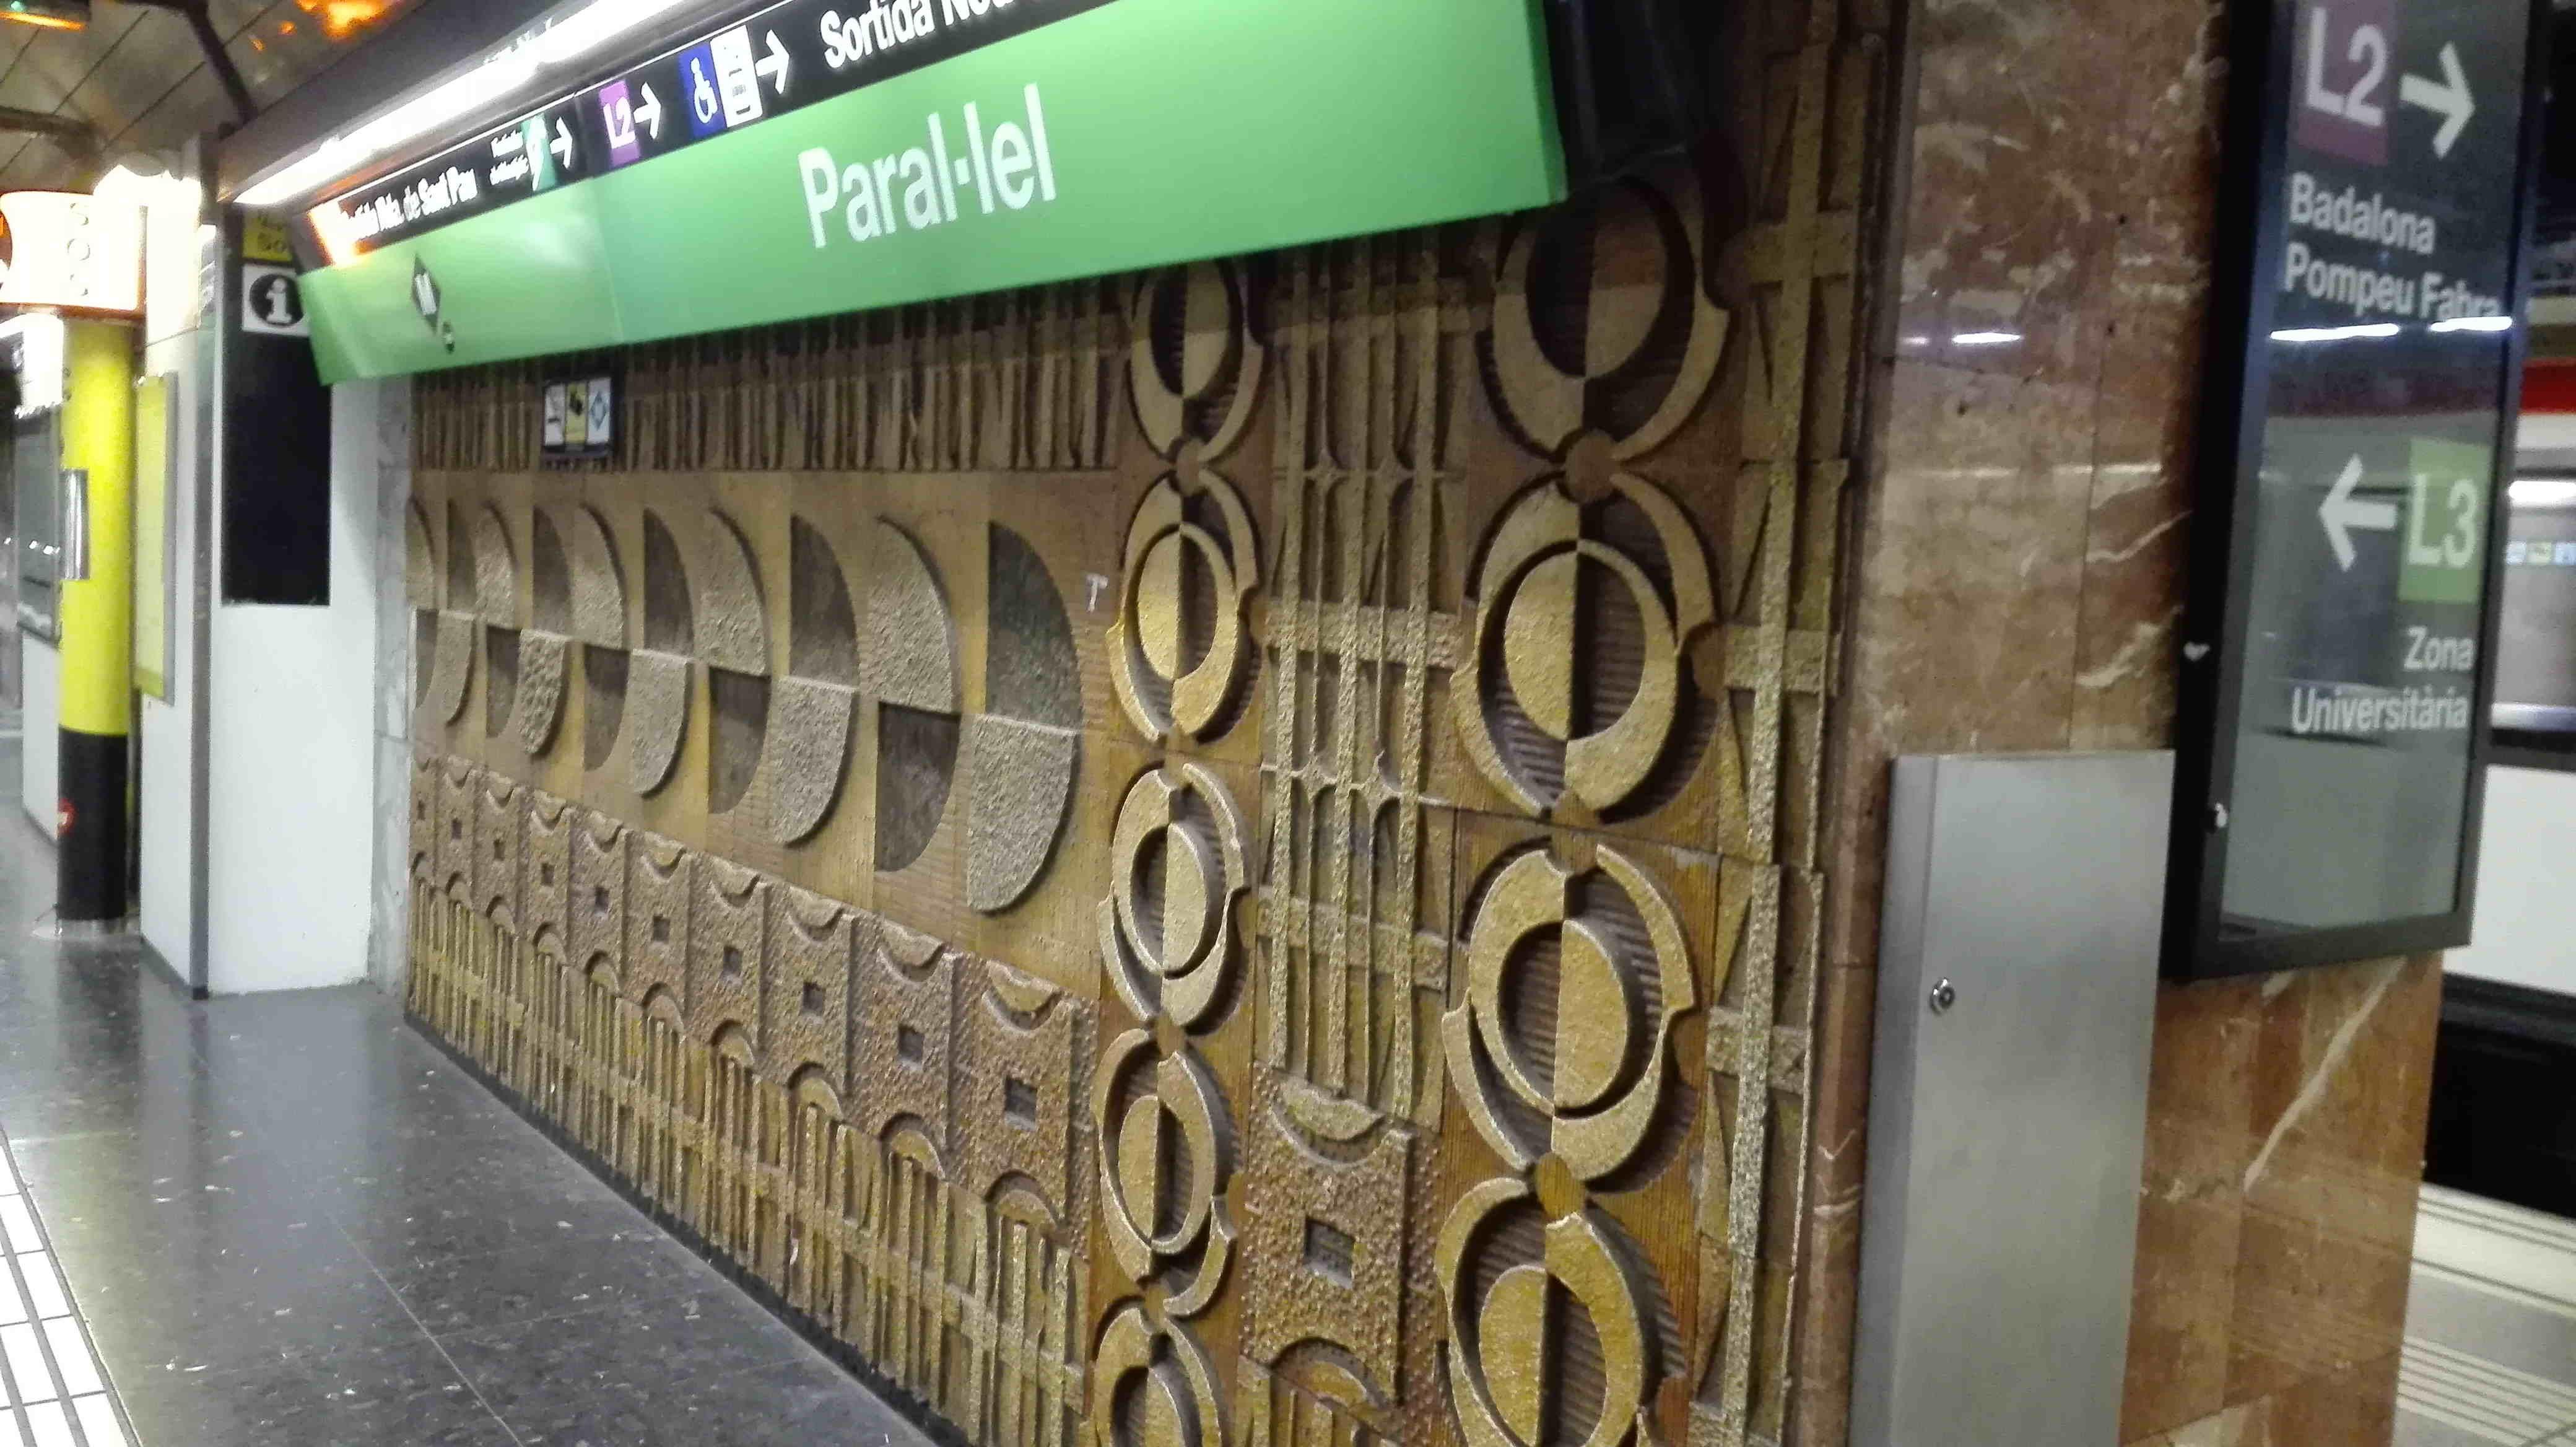 Mosaic de rajoles de ceràmica, estació de metro Paral•lel, Sants-Montjuïc (Foto: T. Navas Ferrer)